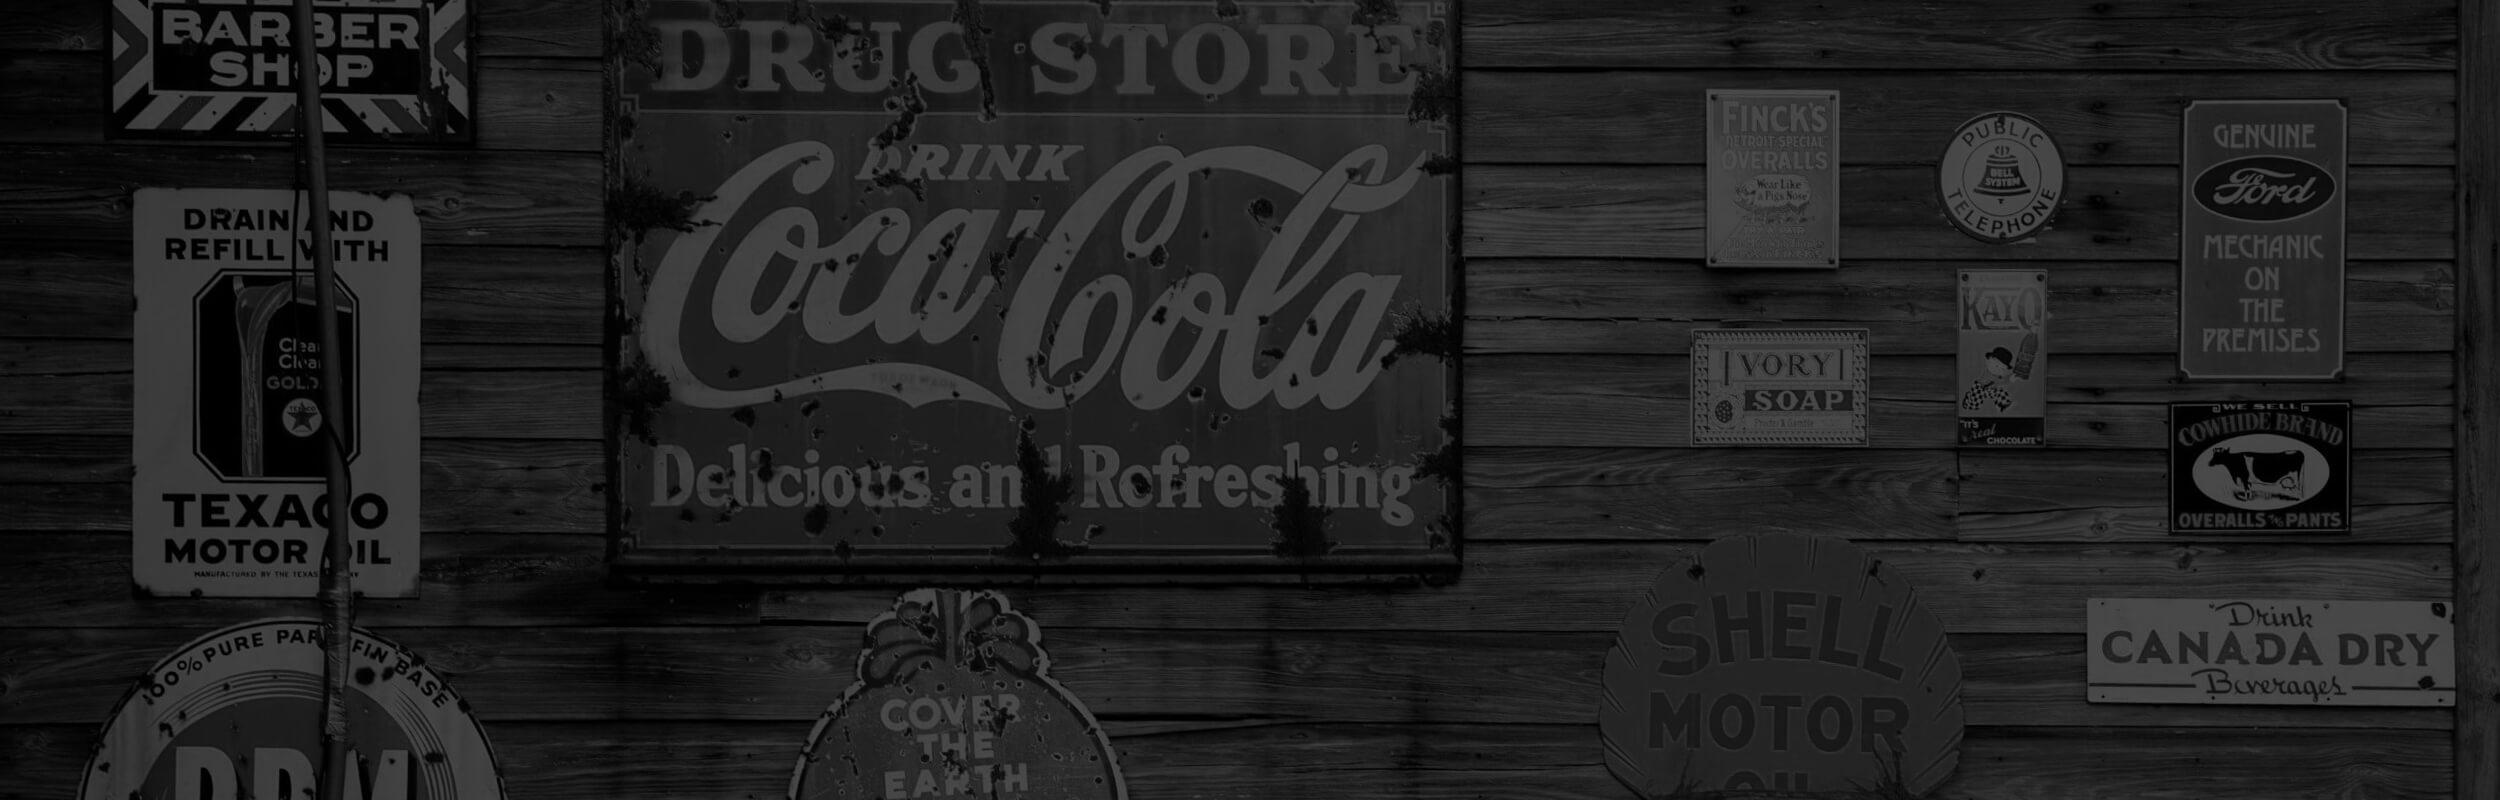 reklamné tabuľky v čierno-bielej